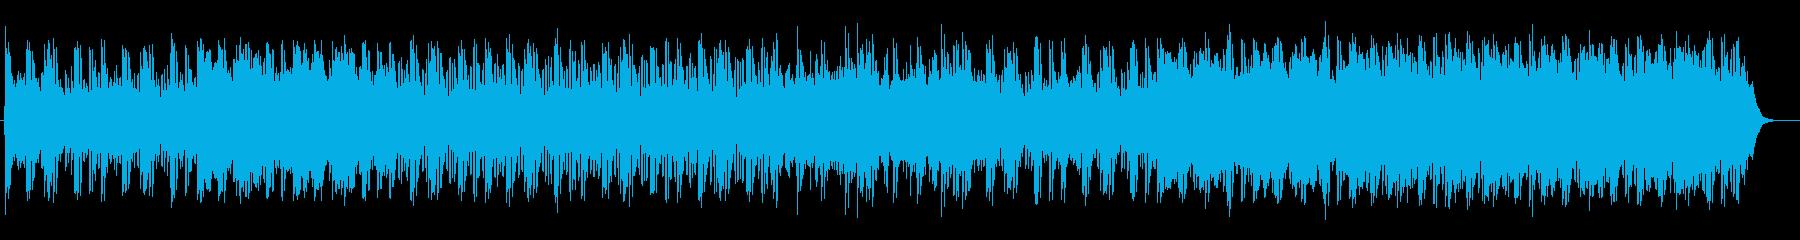 流れを感じるリラクゼーションミュージックの再生済みの波形